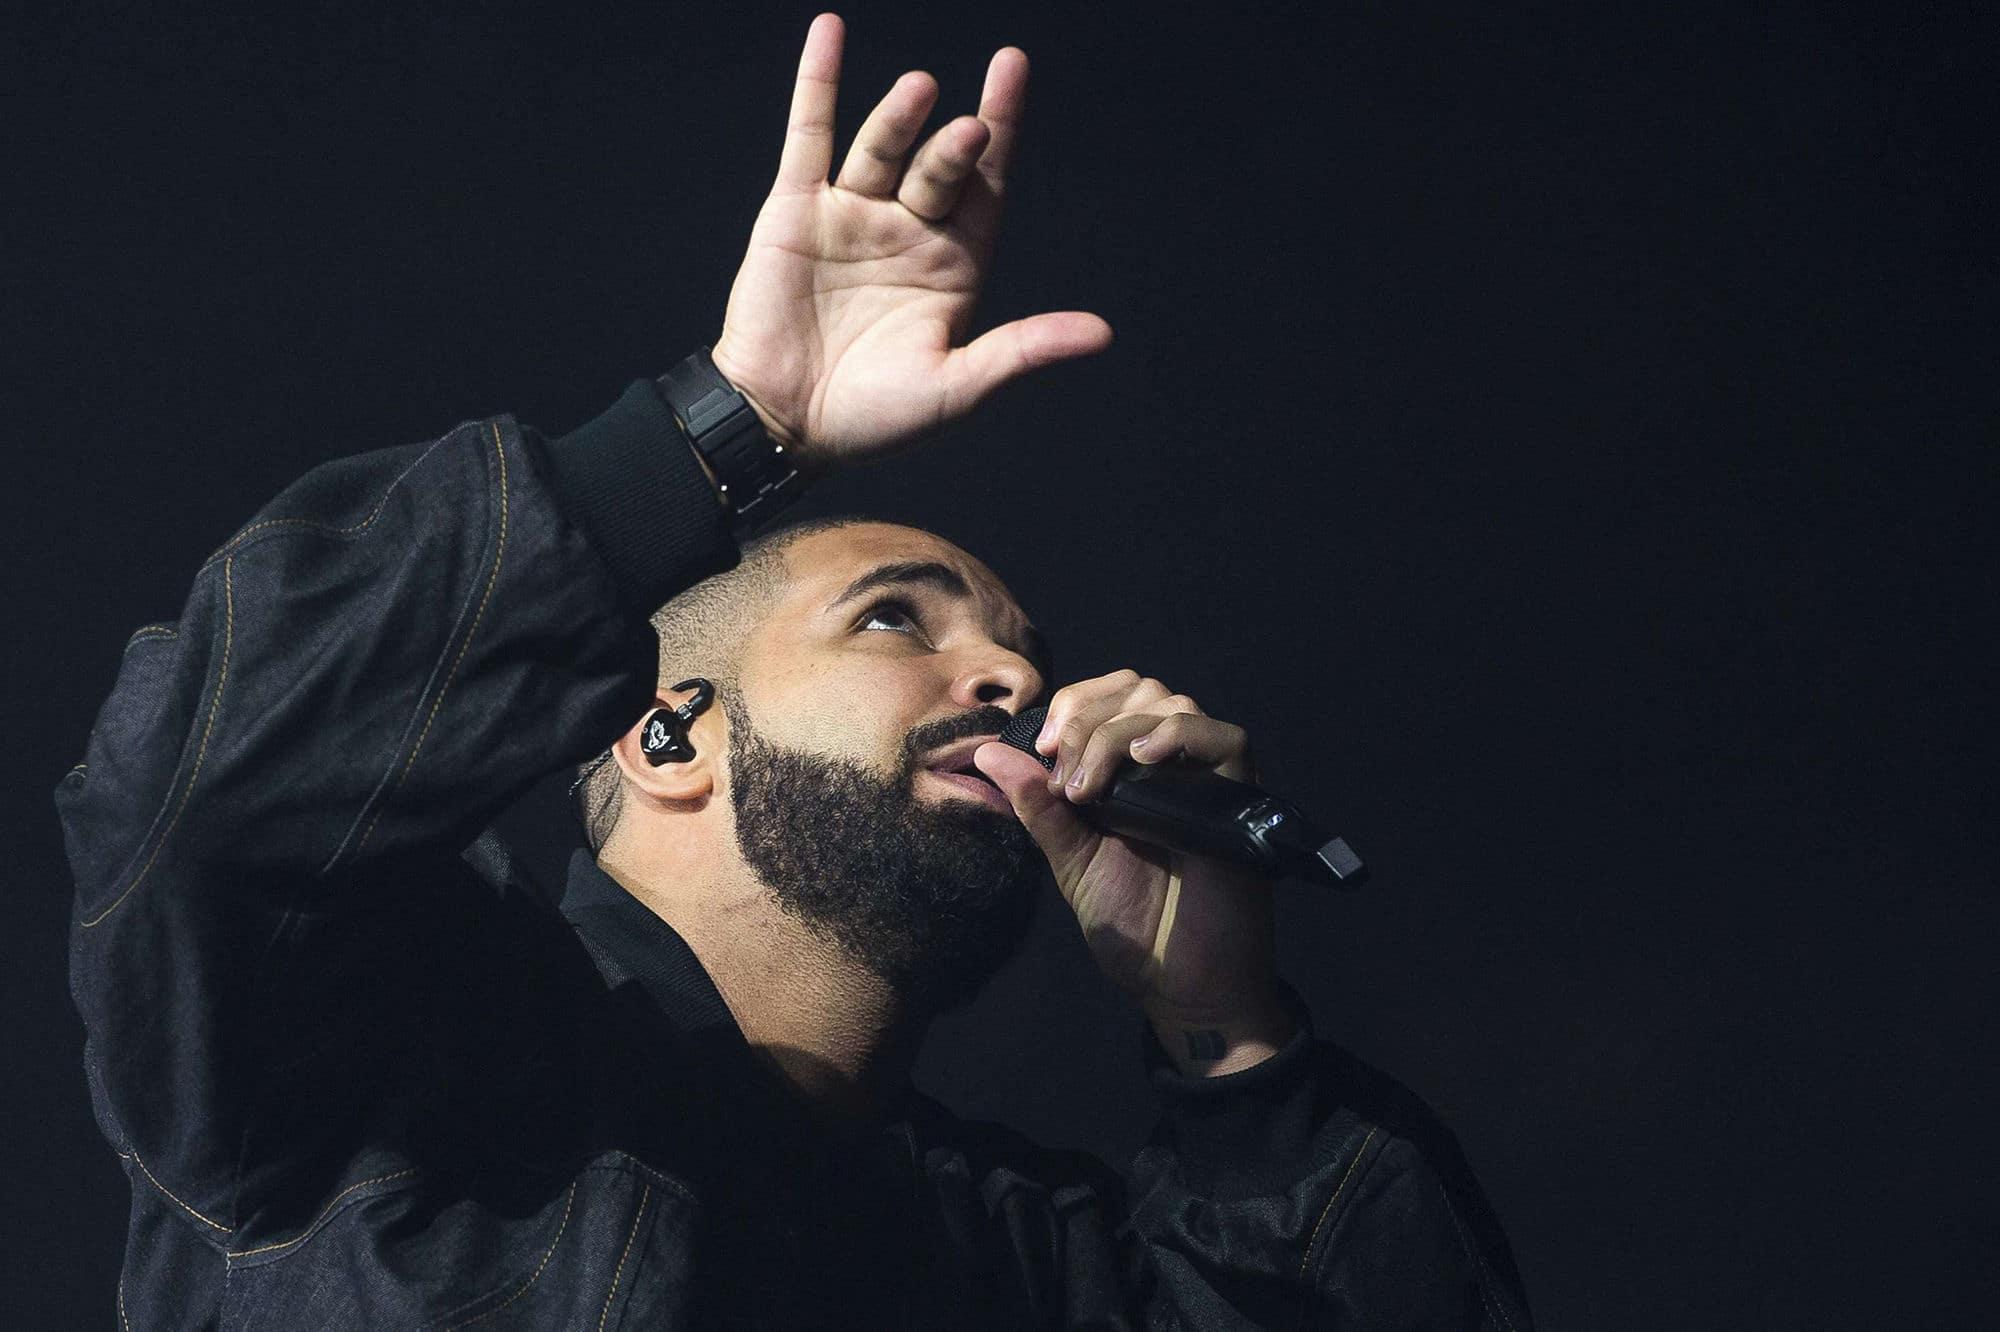 Un athlète américain fait fuiter un nouveau morceau de Drake